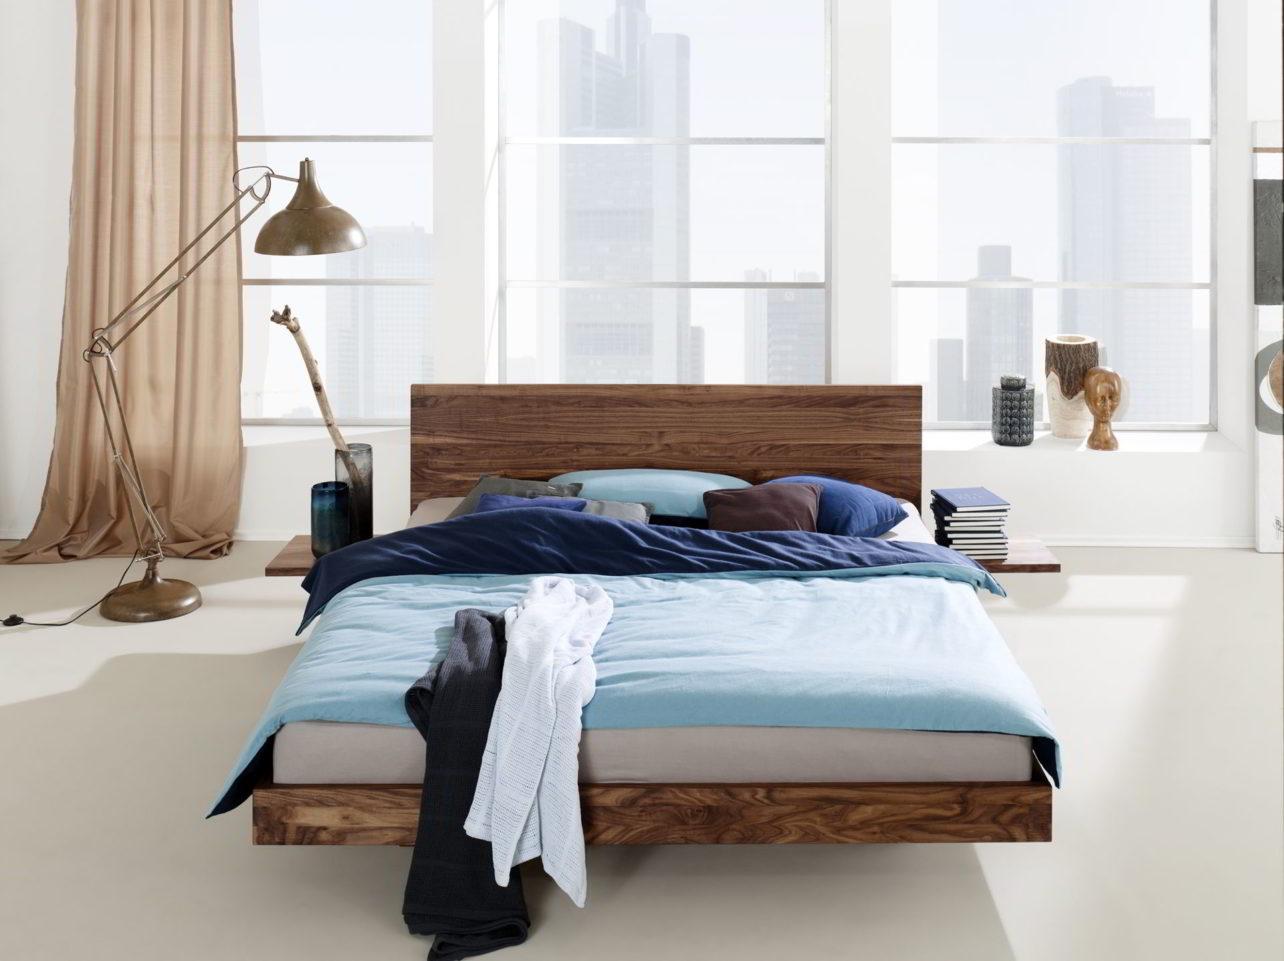 Bett Nido Nussbaum mit niedrigen Seitenteilen